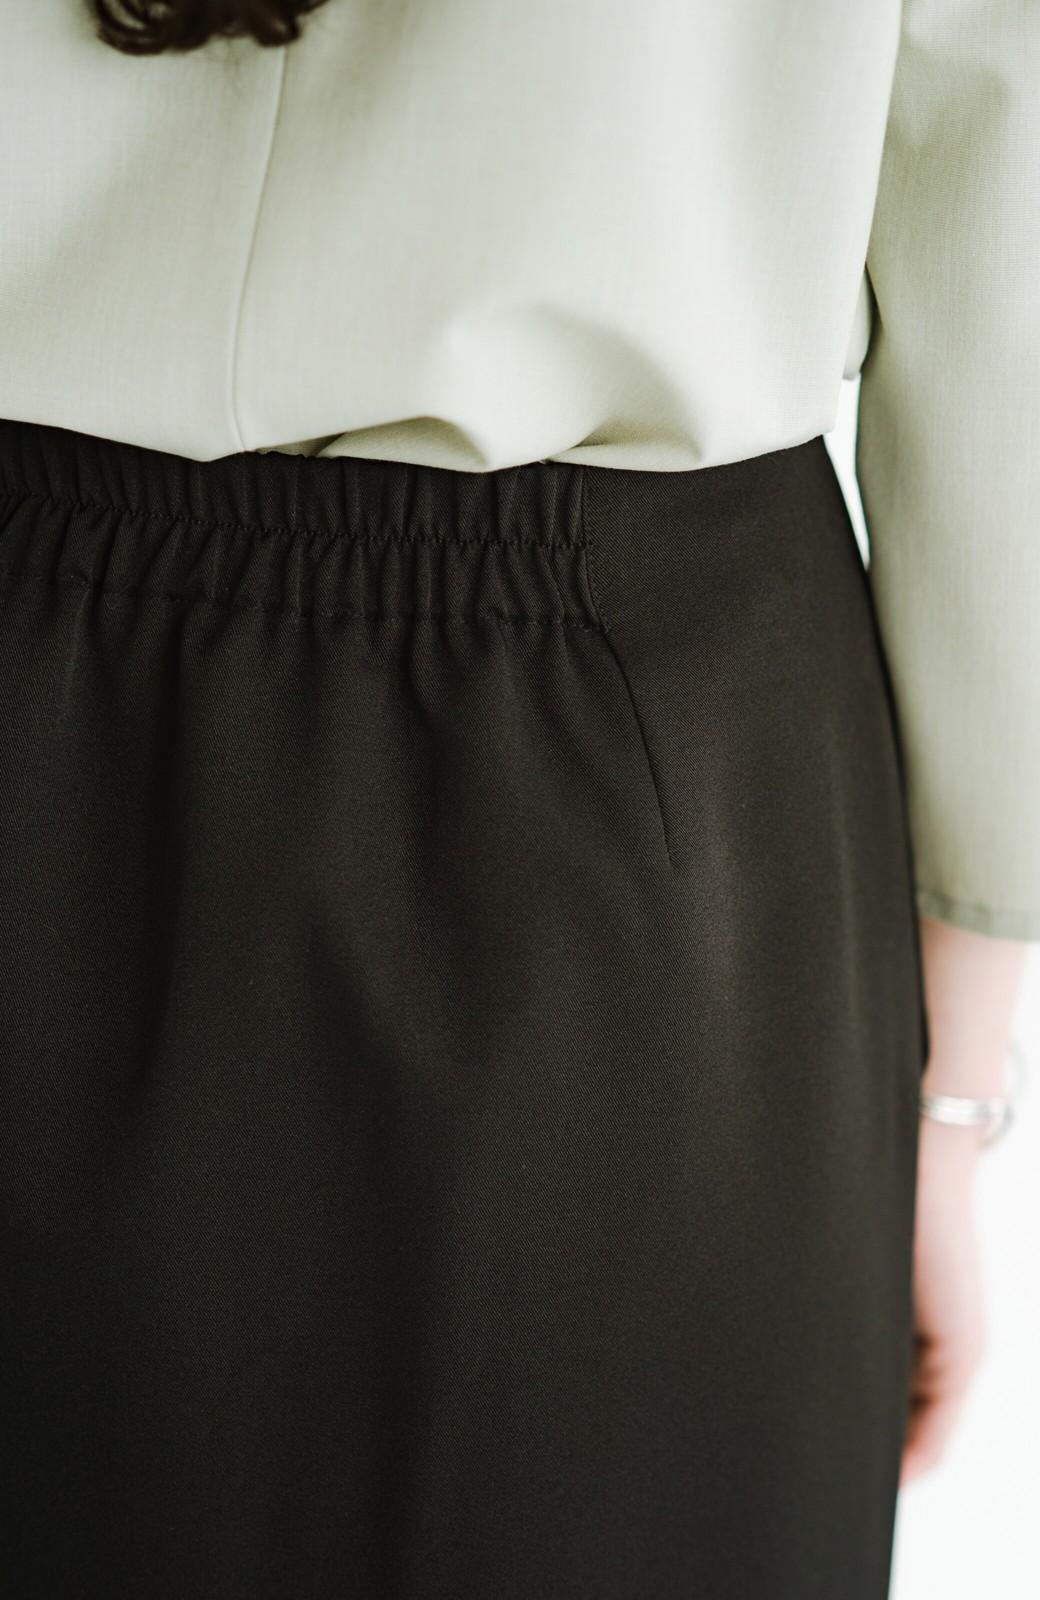 haco! 【華やか】これさえあればきちんとシーンも地味すぎない! 大人の華やかジャケット・パンツ・スカート3点セット <ブラック>の商品写真42